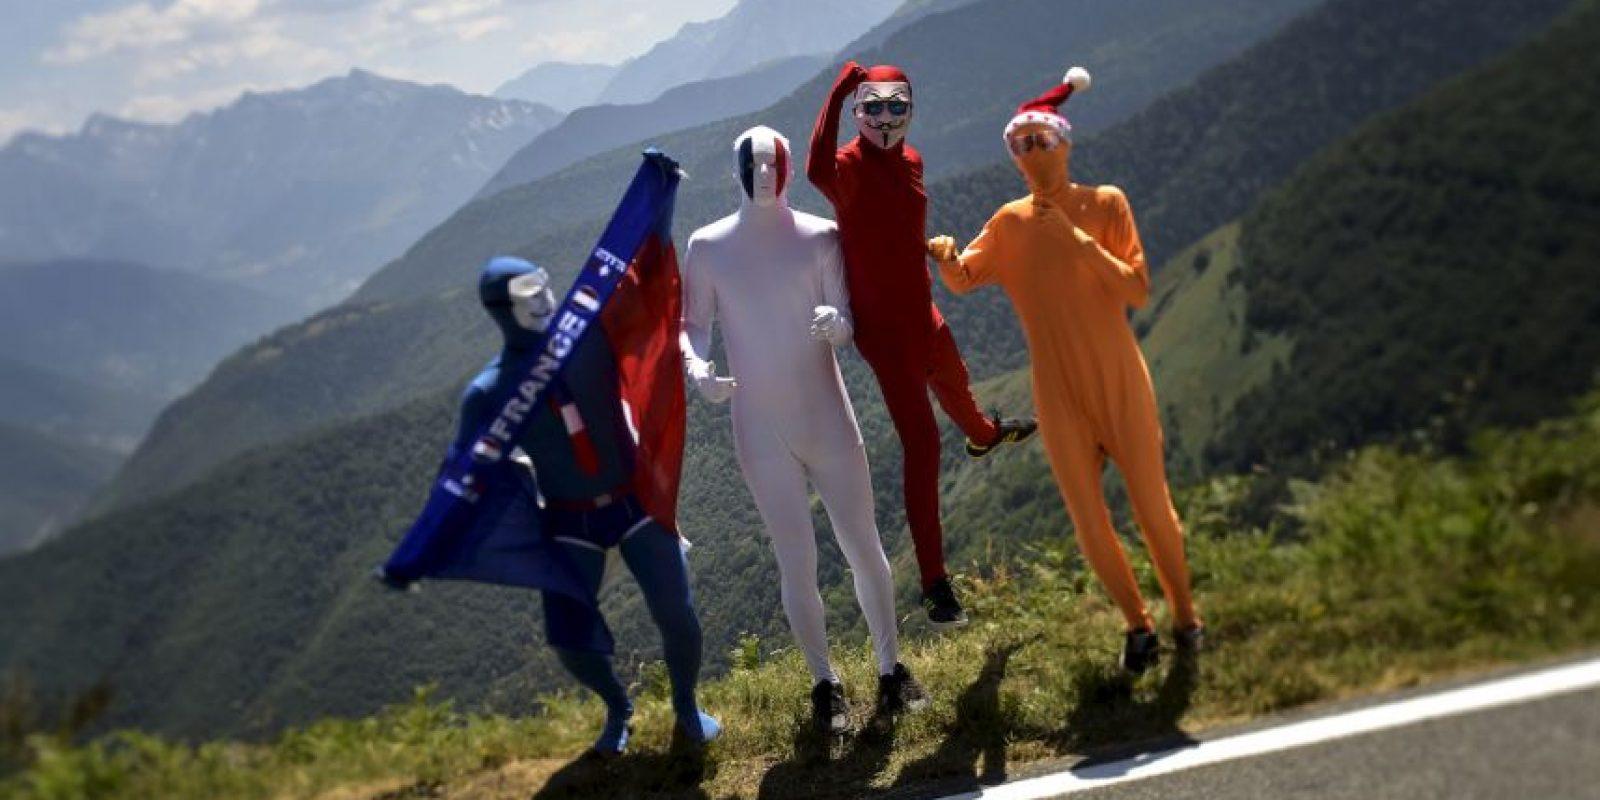 Partidarios disfrazados durante el Tour de Francia. Foto:AFP